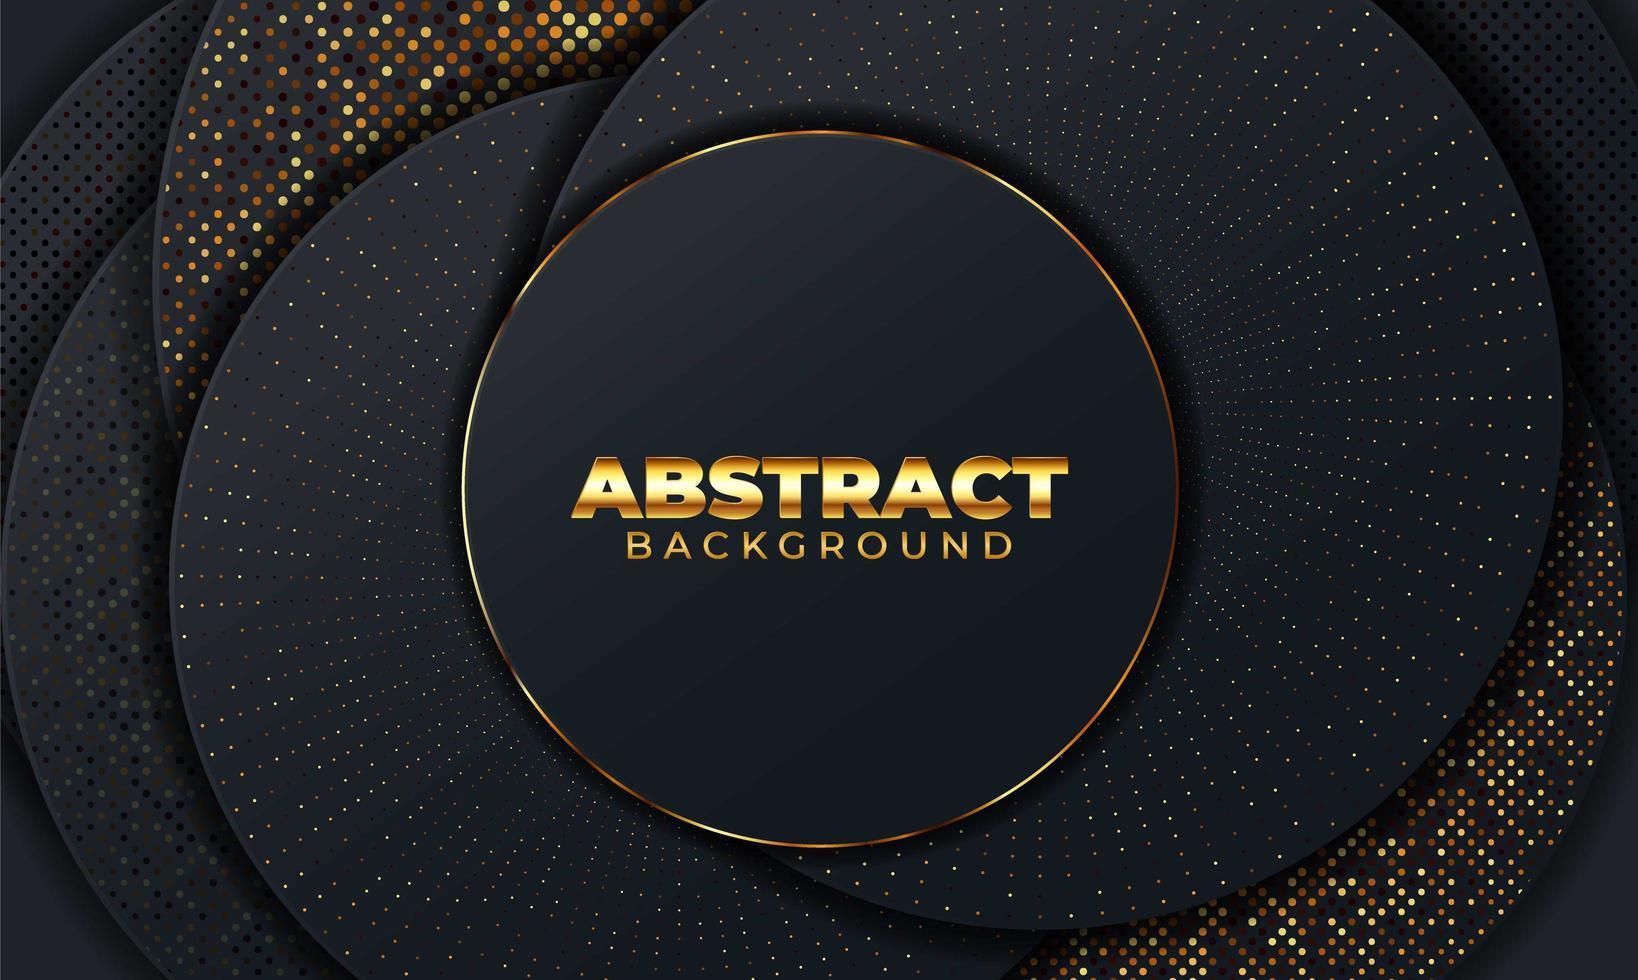 abstrakter Hintergrund mit geometrischen Formen. schwarzer abstrakter Hintergrund mit geometrischen Papierformen. Vektorillustration vektor